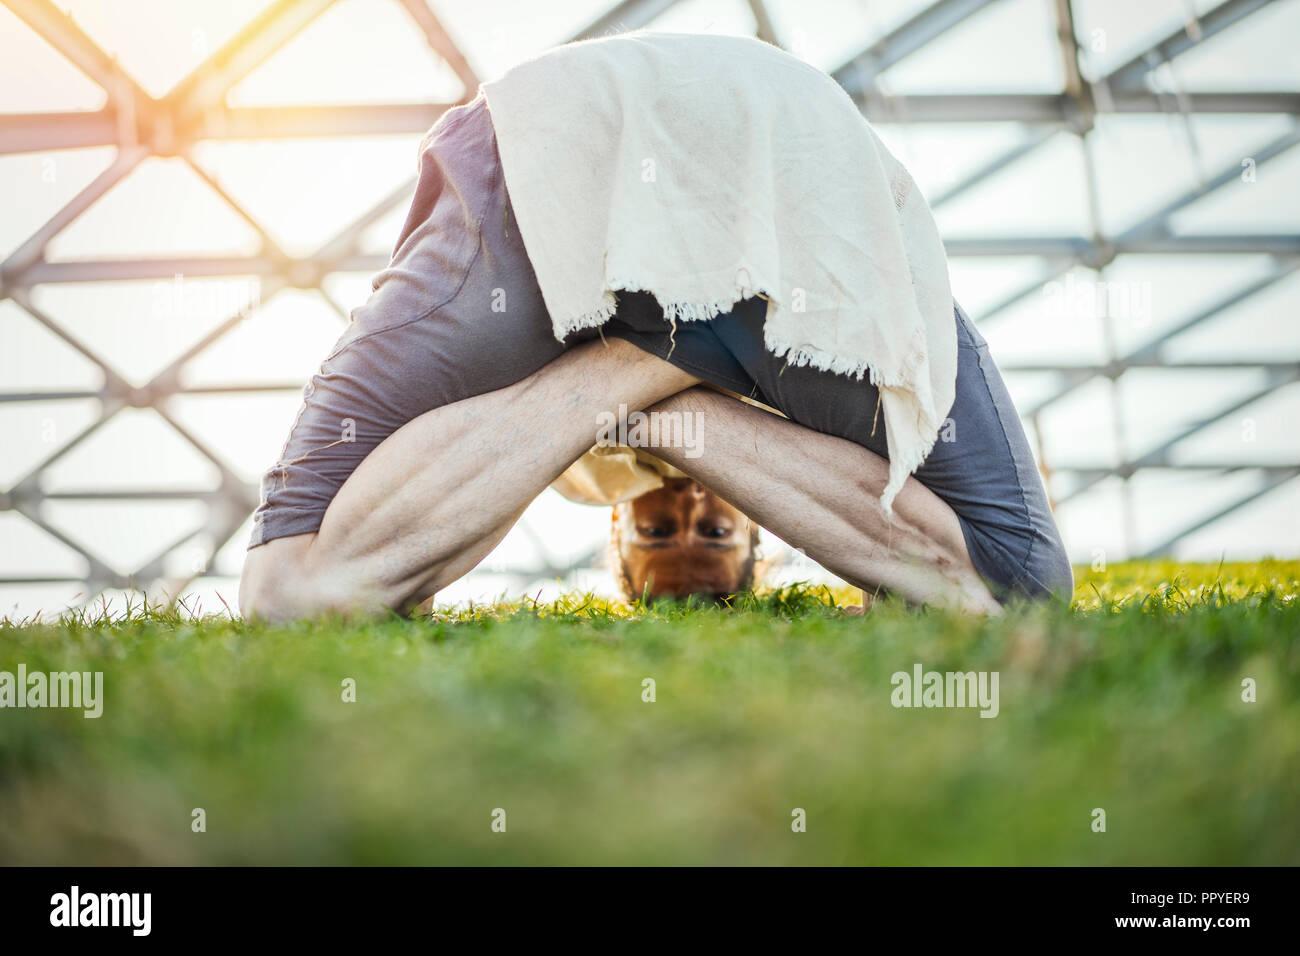 In der Nähe von attraktiven sportlichen Mann, Yoga und Aufwärmen im Freien. Stockbild